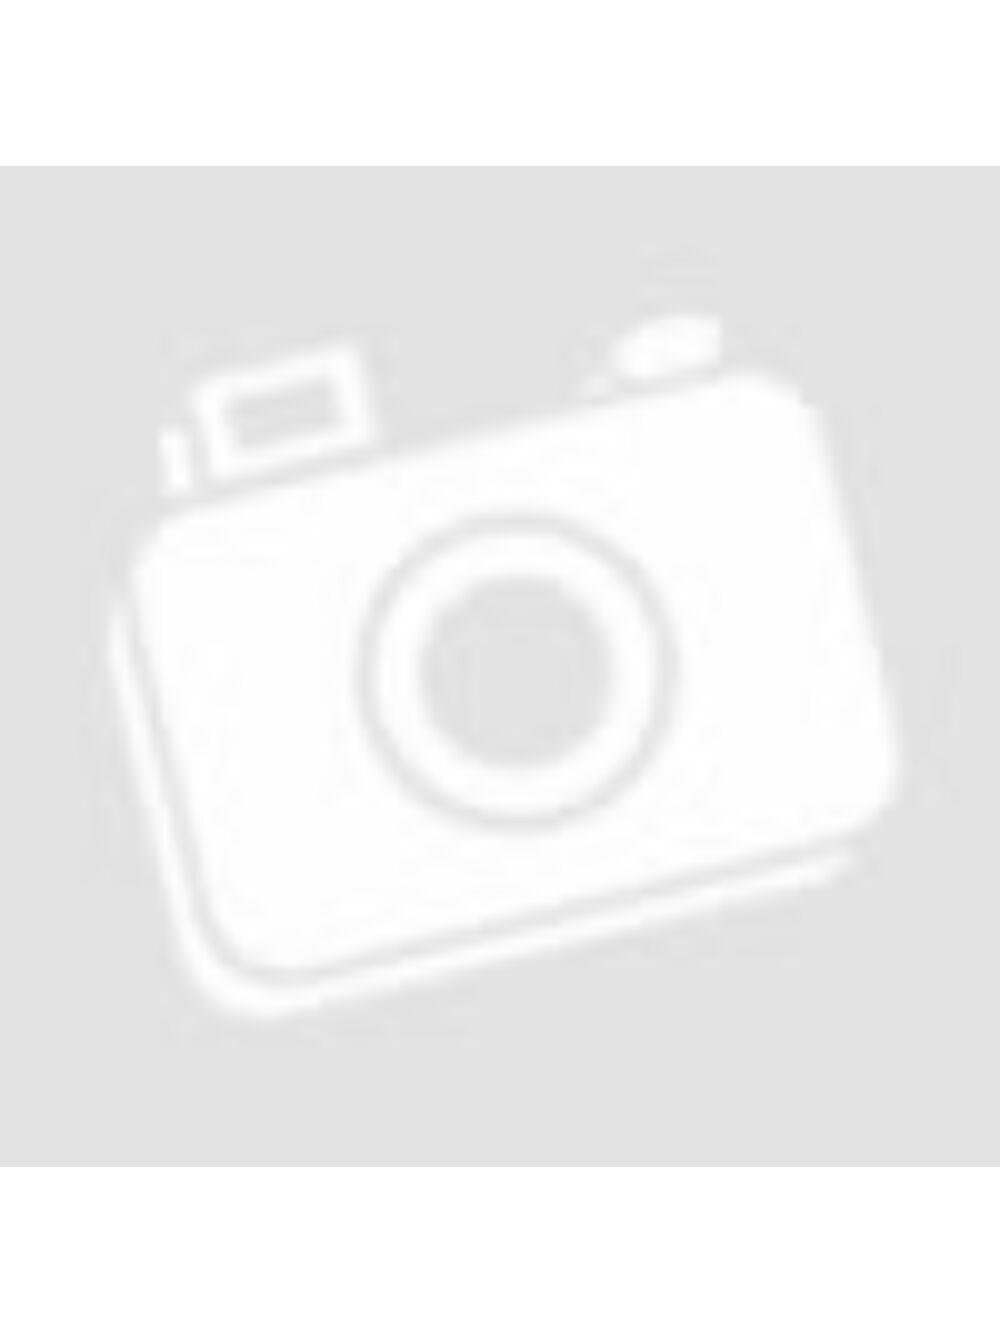 Koptatott vágott mintás betűző - Nyúl